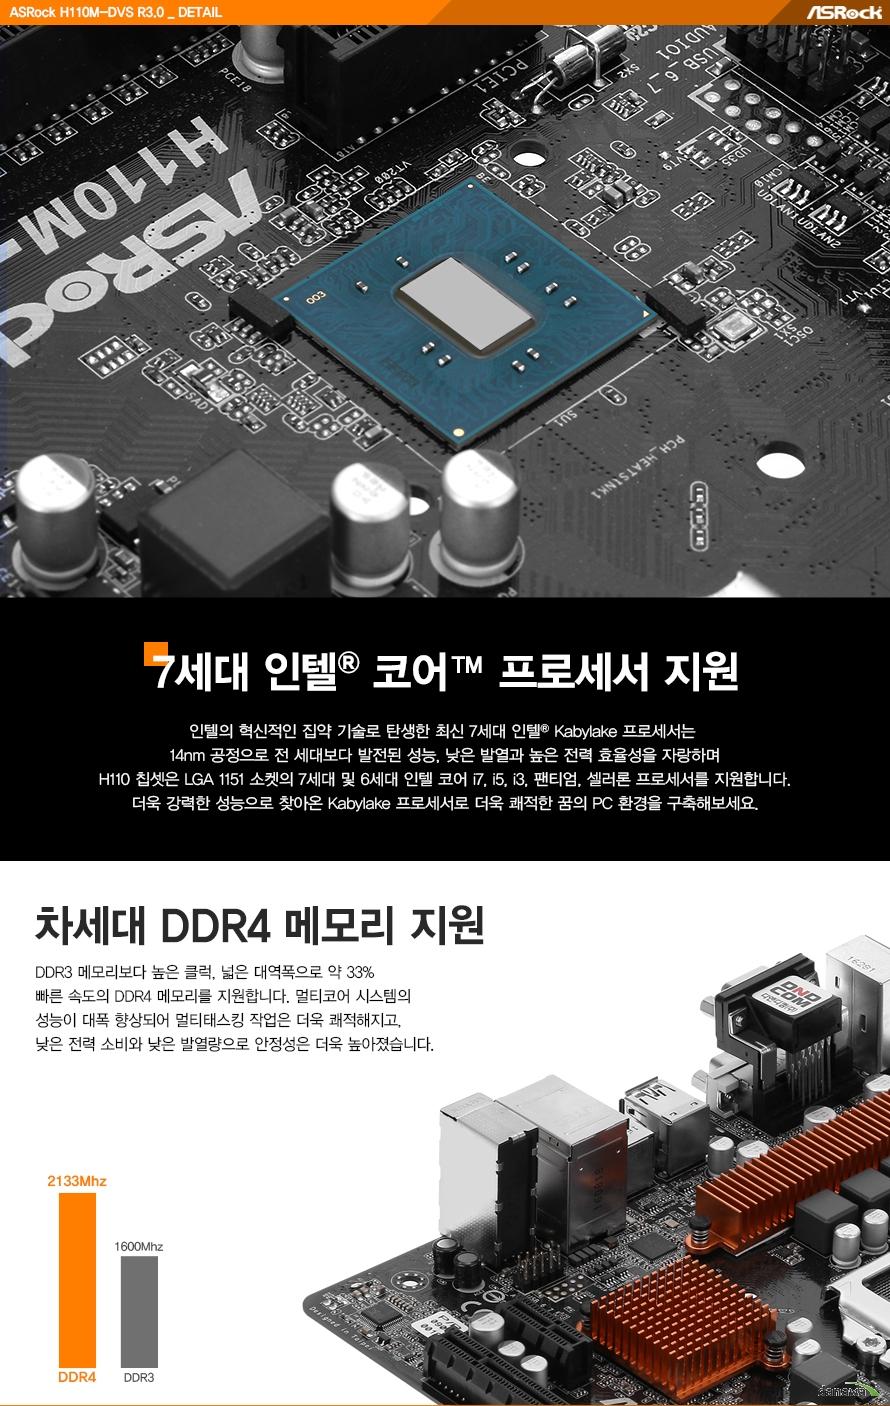 7세대 인텔 코어 프로세서 지원인텔의 혁신적인 집약 기술로 탄생한 최신 7세대 인텔 카비레이크 프로세서는14나노미터 공정으로 전 세대보다 발전된 성능과 낮은 발열 그리고 높은 전력 효율을 자랑하며H110 칩셋은 LGA 1151 소켓의 7세대 및 6세대 인텔 코어 I7 I5 I3 펜티엄 및 셀러론 프로세서를 지원합니다.더욱 강력한 성능으로 찾아온 카비레이크 프로세서로 더욱 쾌적한 꿈의 PC환경을 구축해보세요.차세대 DDR4 메모리 지원DDR3 메모리보다 높은 클럭과 넓은 대역폭으로 약 33퍼센트 빠른 속도의 DDR4 메모리를 지원합니다.멀티코어 시스템의 성능이 대폭 향상되어 멀티태스킹 작업은 더욱 쾌적해지고 낮은 전력 소비와 낮은 발열량으로 안정성은 더욱 높아졌습니다.